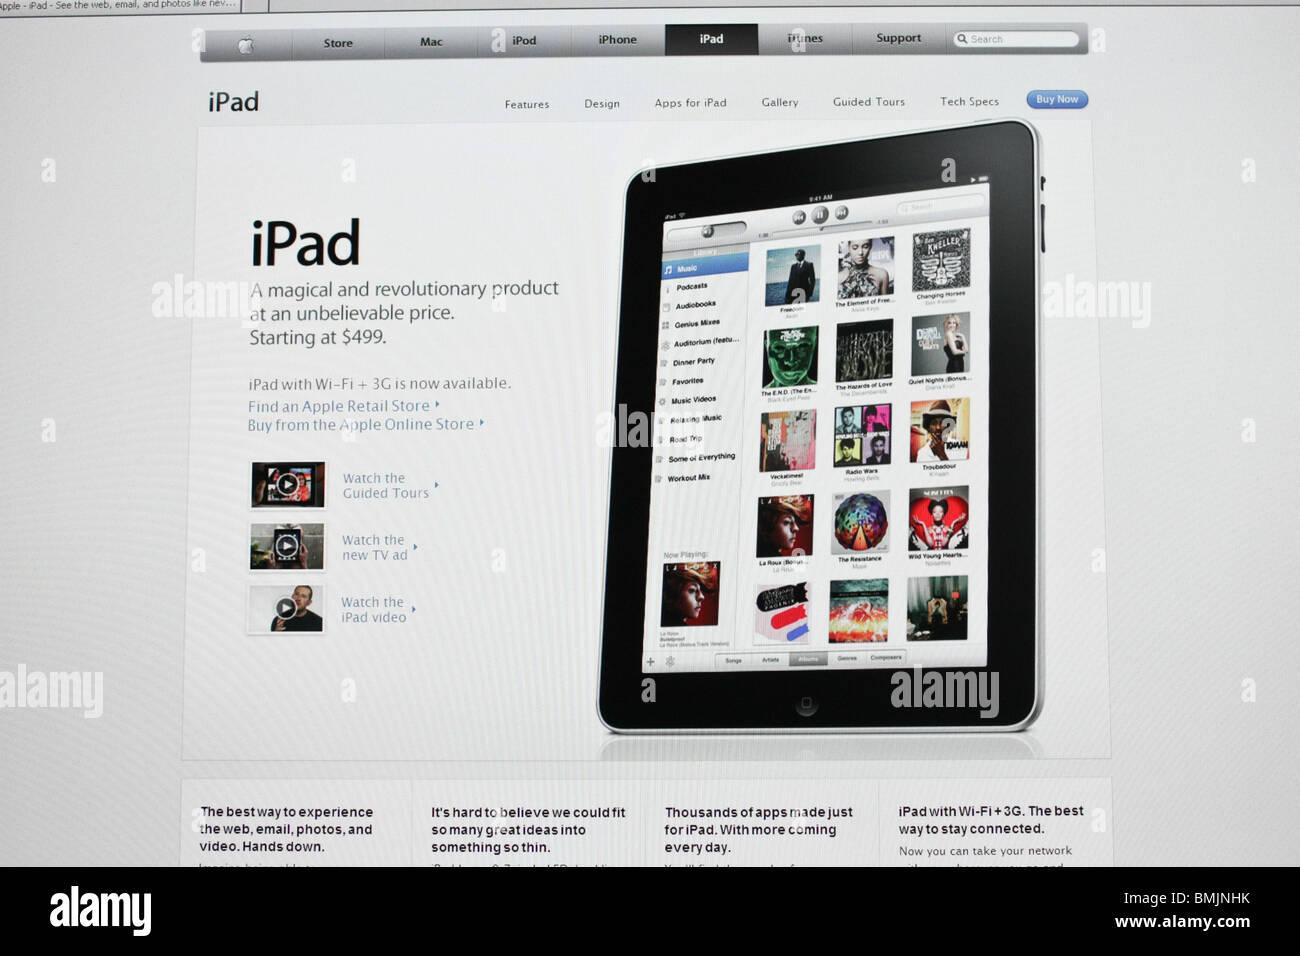 ipad apple online website screenshot - Stock Image